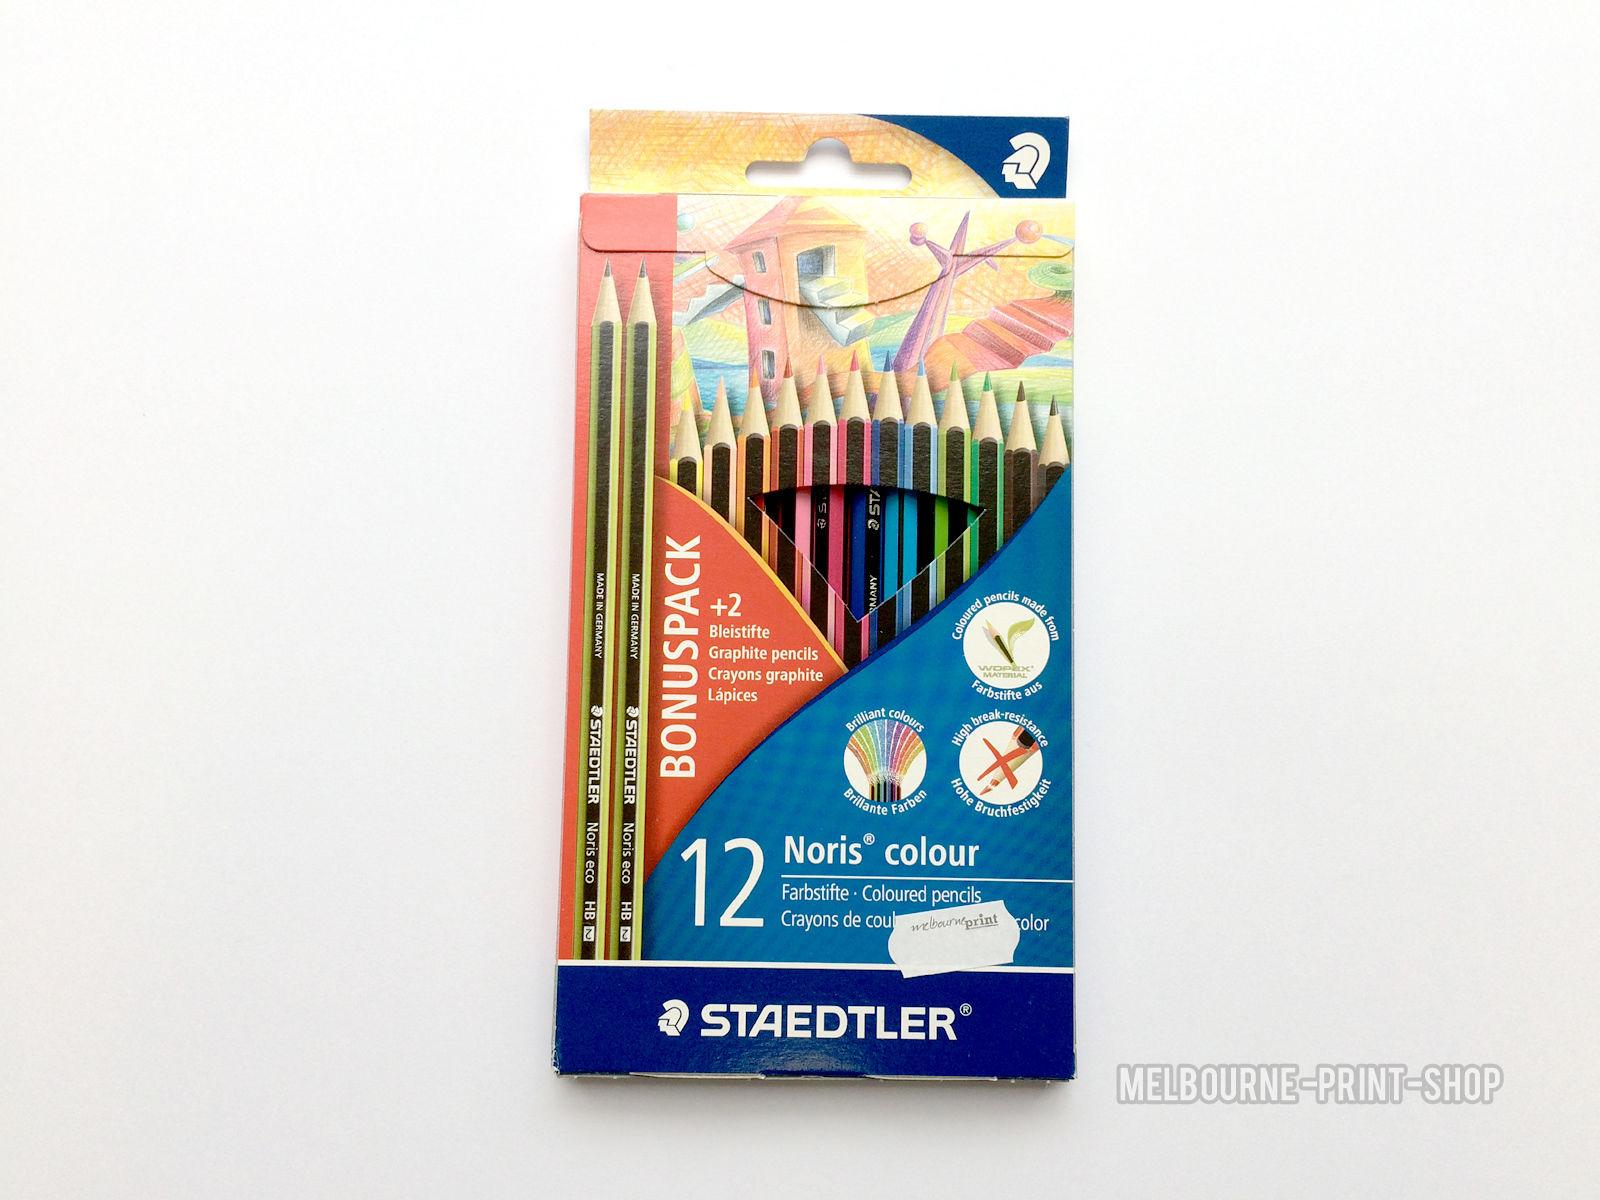 Staedtler-Noris-Colour-Pencils-12-Pack-Bright-Colouring-Set-2-Eco-HB-Pencils-152336930513